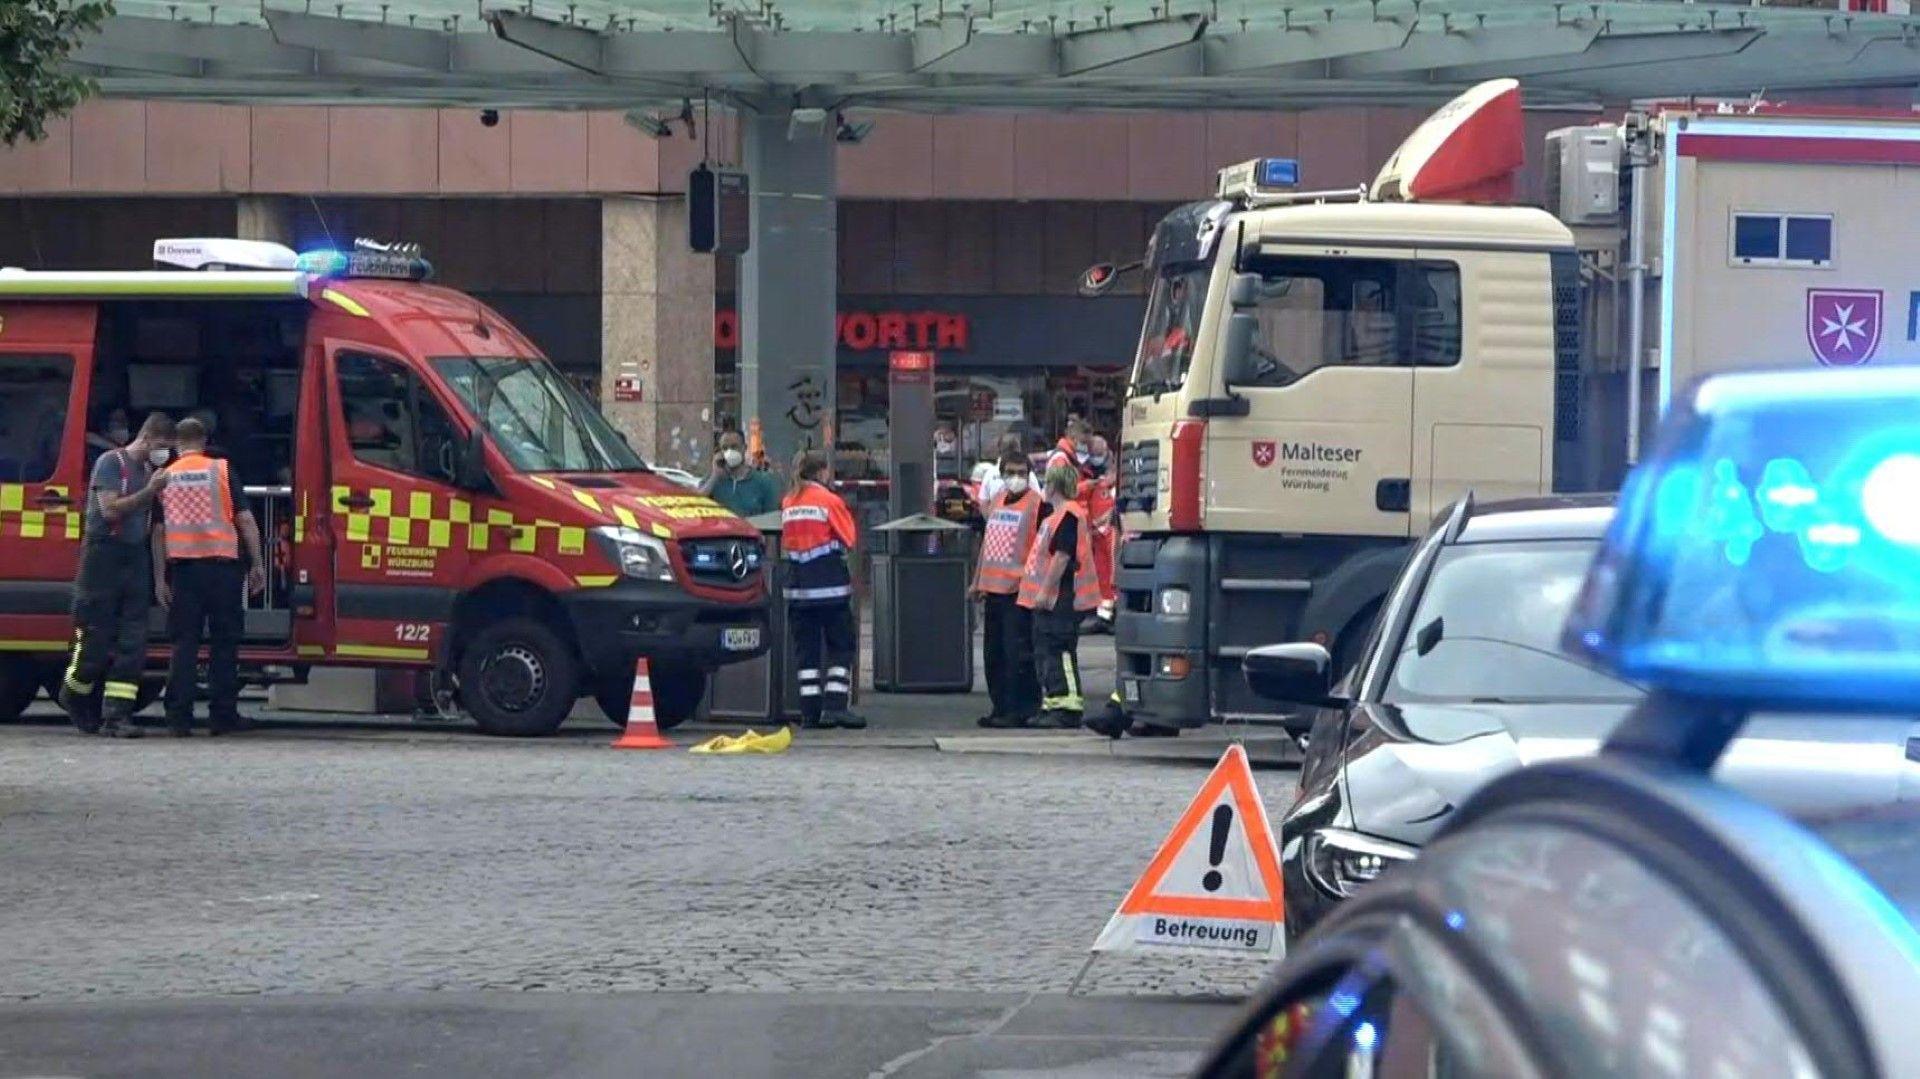 Messerangriff in Würzburg – drei Tote und mehrere Verletzte